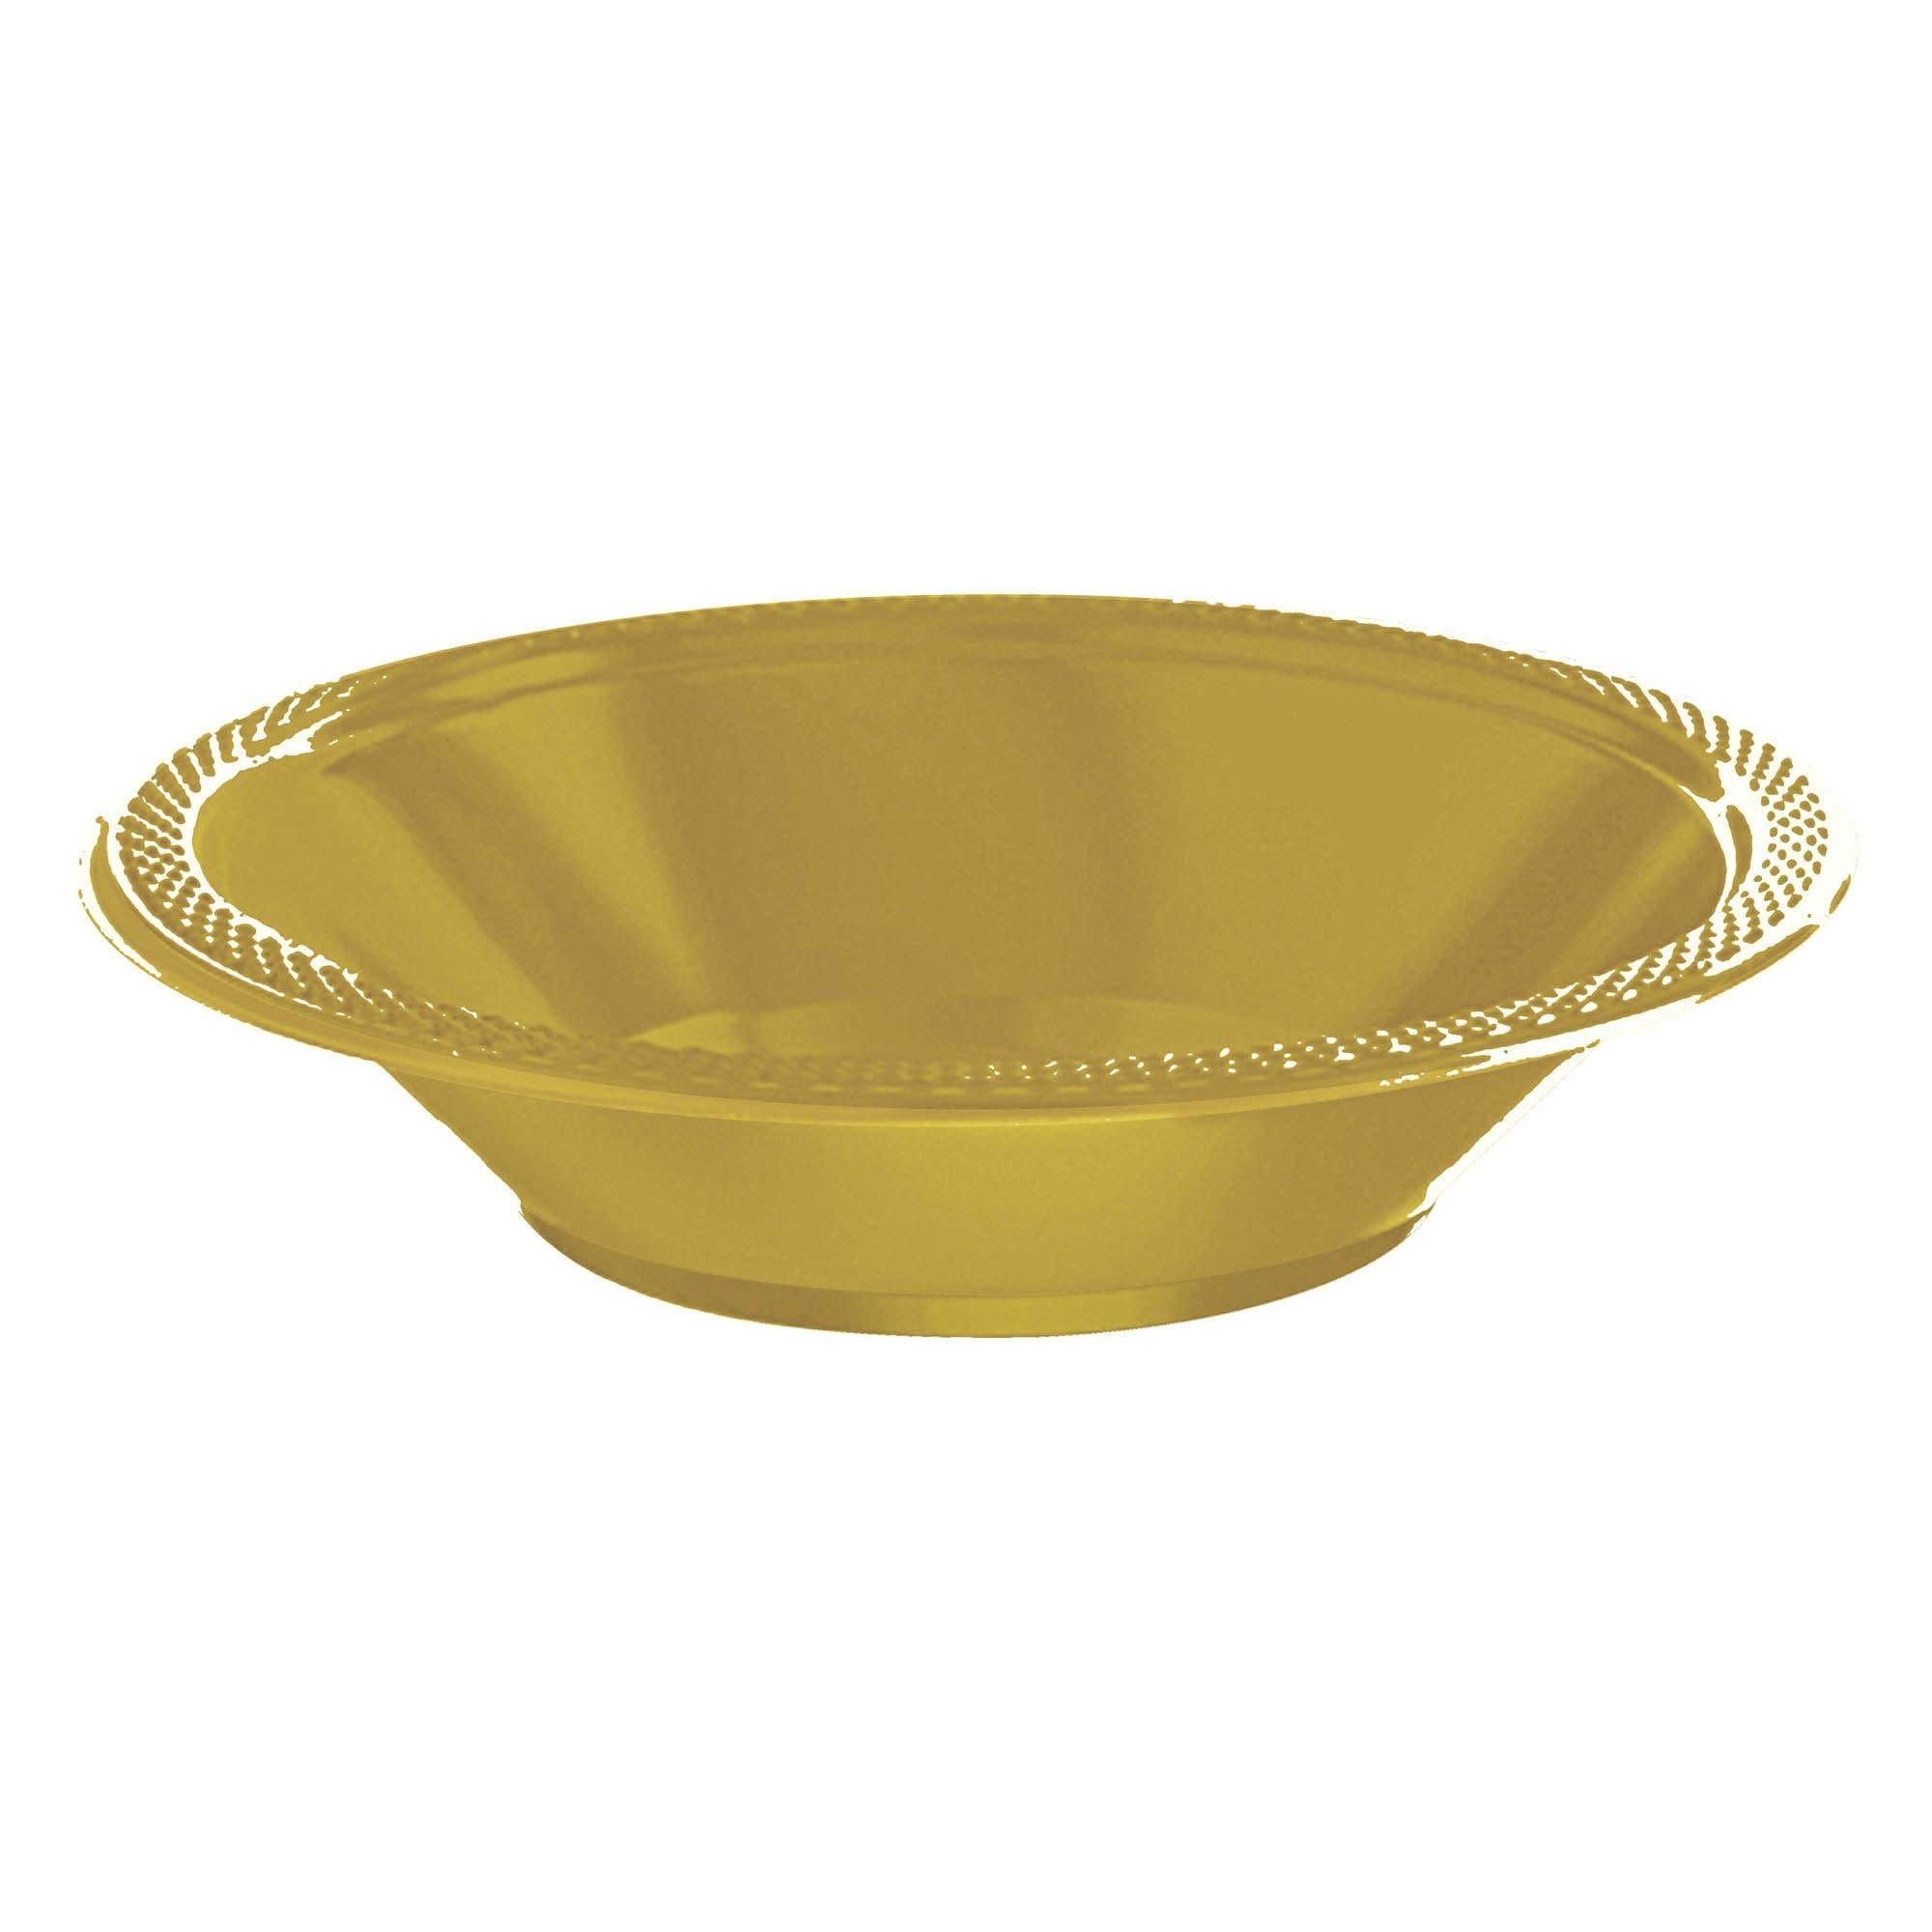 Gold Sparkle Plastic Bowls, 12oz.